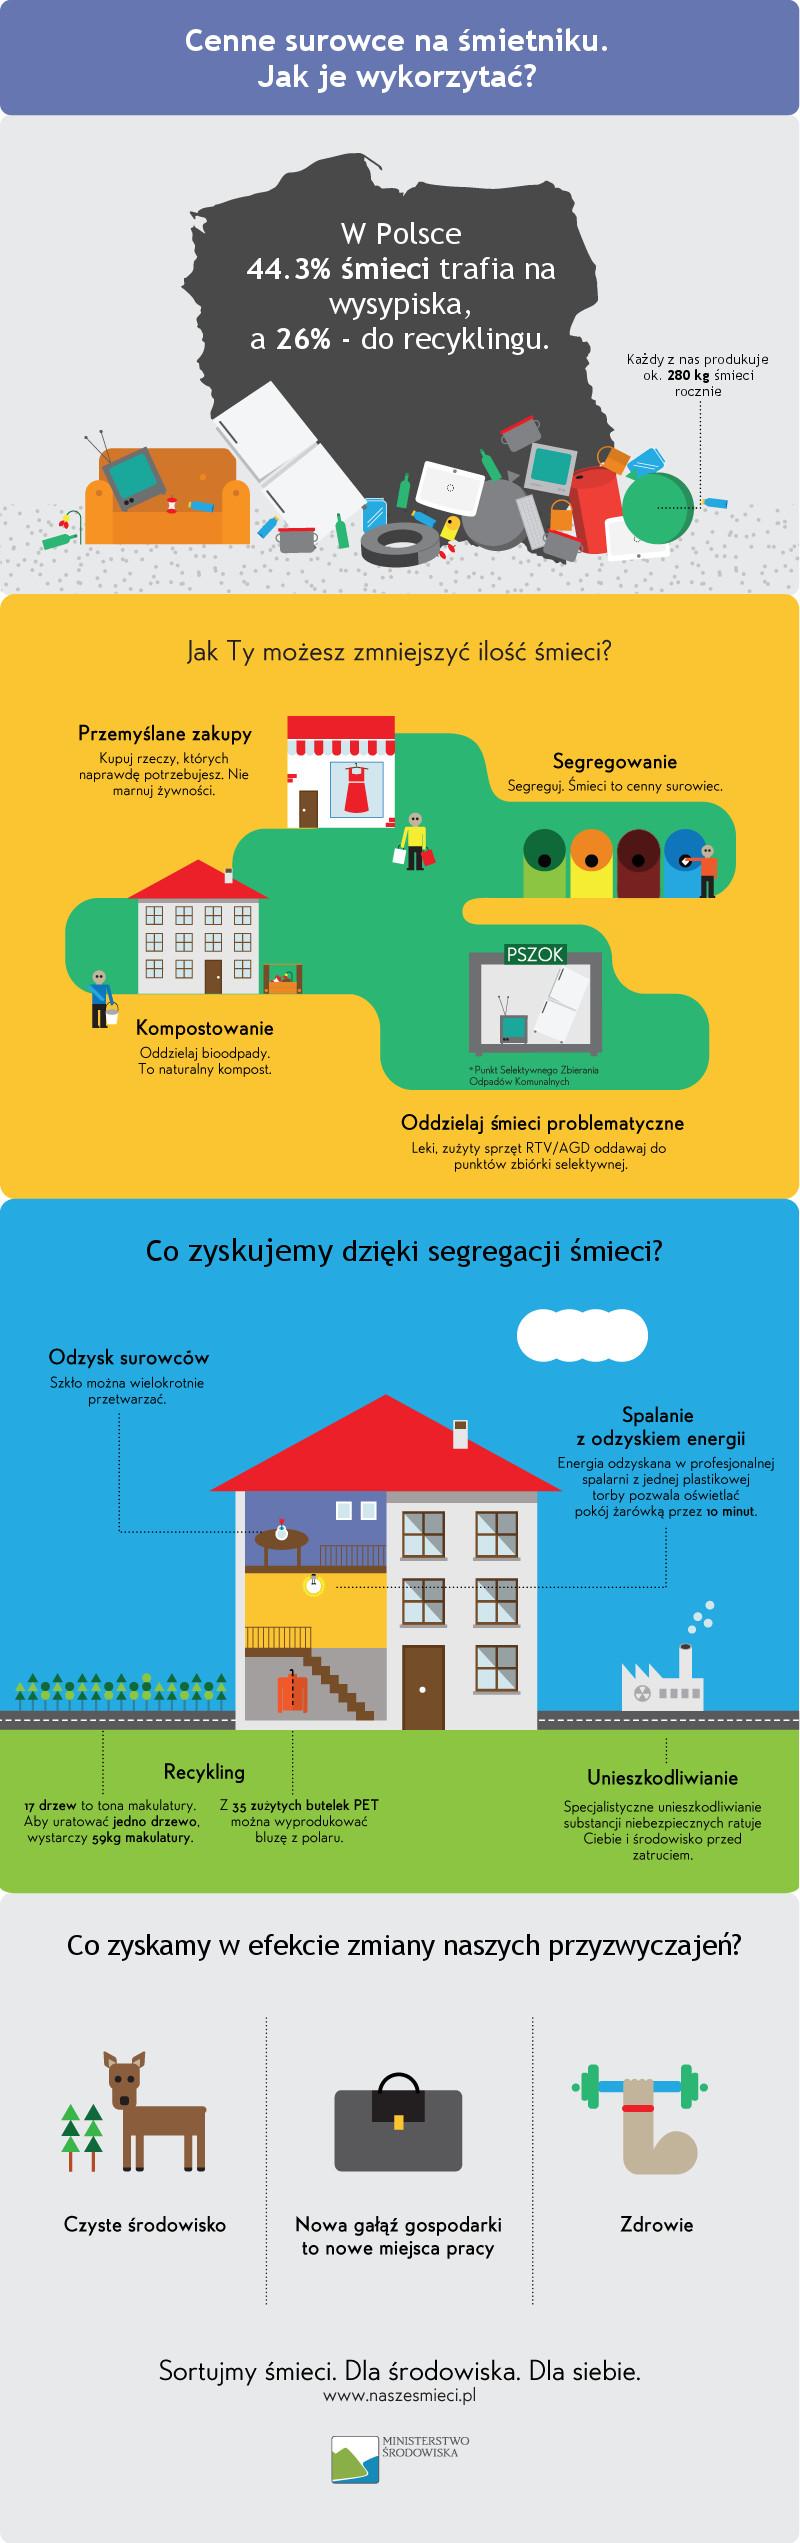 infografika_cenne_surowce_na_smietniku_internet (1).jpeg